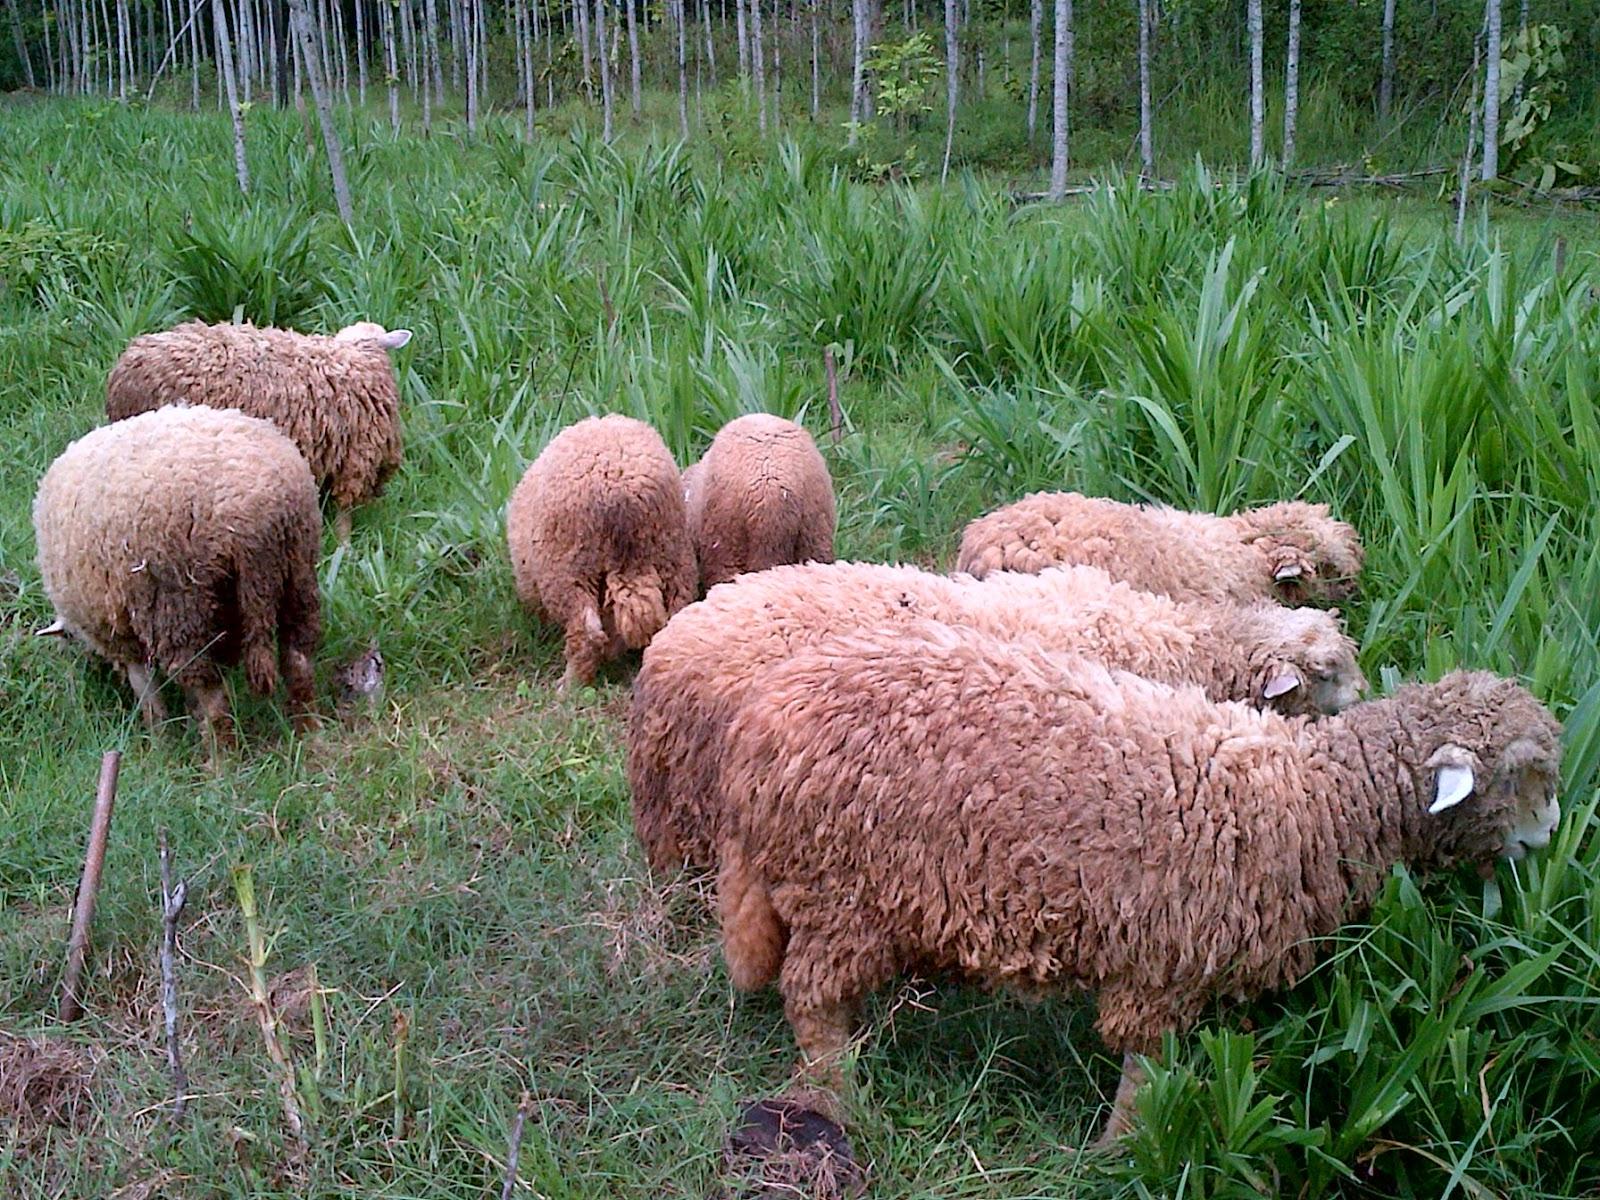 Jual Domba Merino   Peternakan Domba Merino   Budidaya Domba for Gambar Domba Banyak